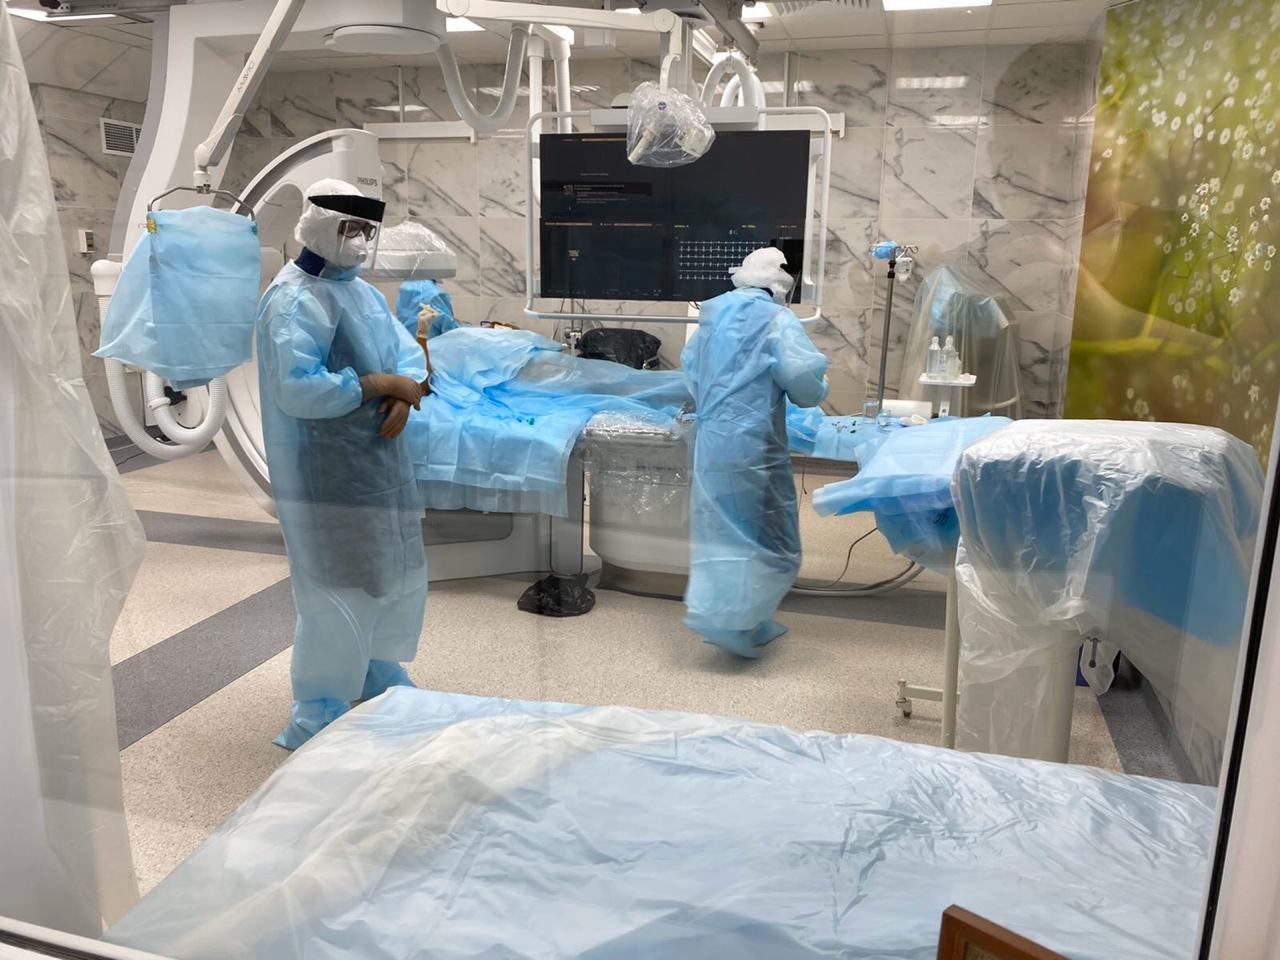 Тольяттинские врачи сделали операцию на сердце пациенту с коронавирусом